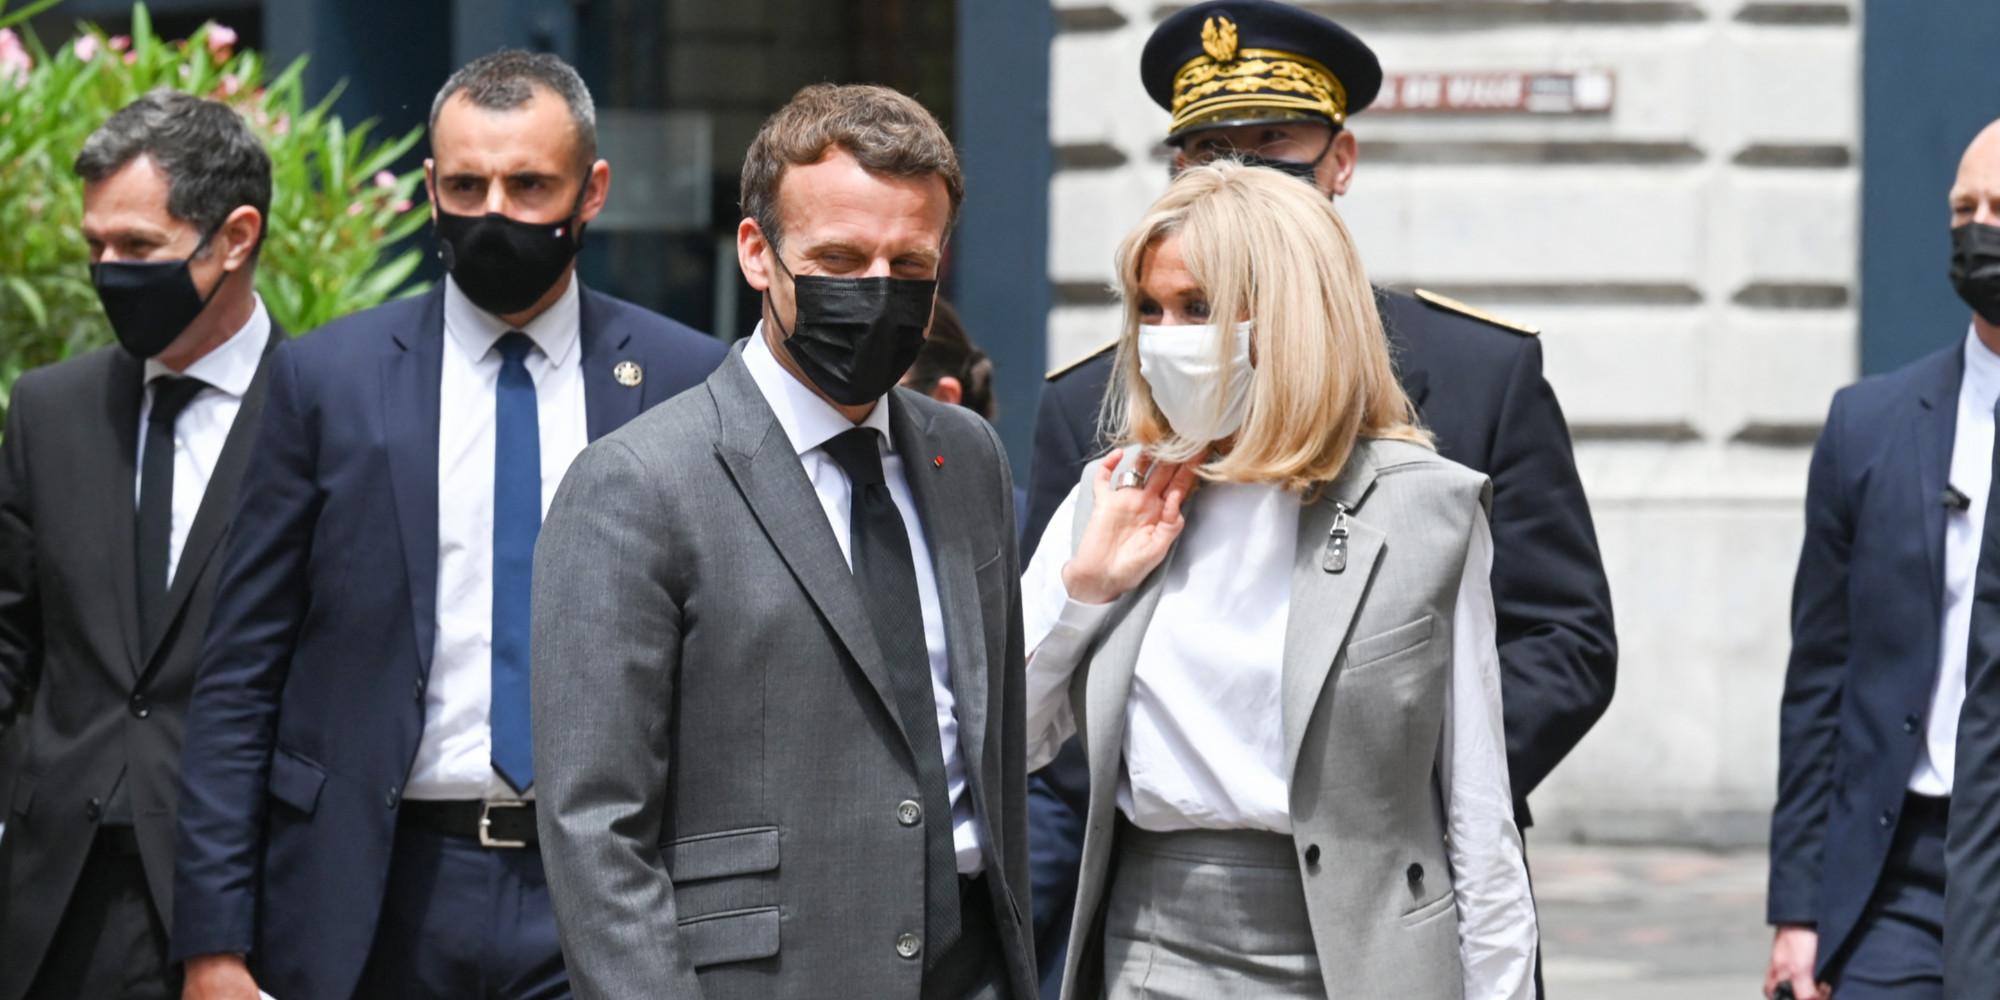 Retraites, immigration... Pourquoi Macron veut s'attaquer aux dossiers sensibles avant 2022